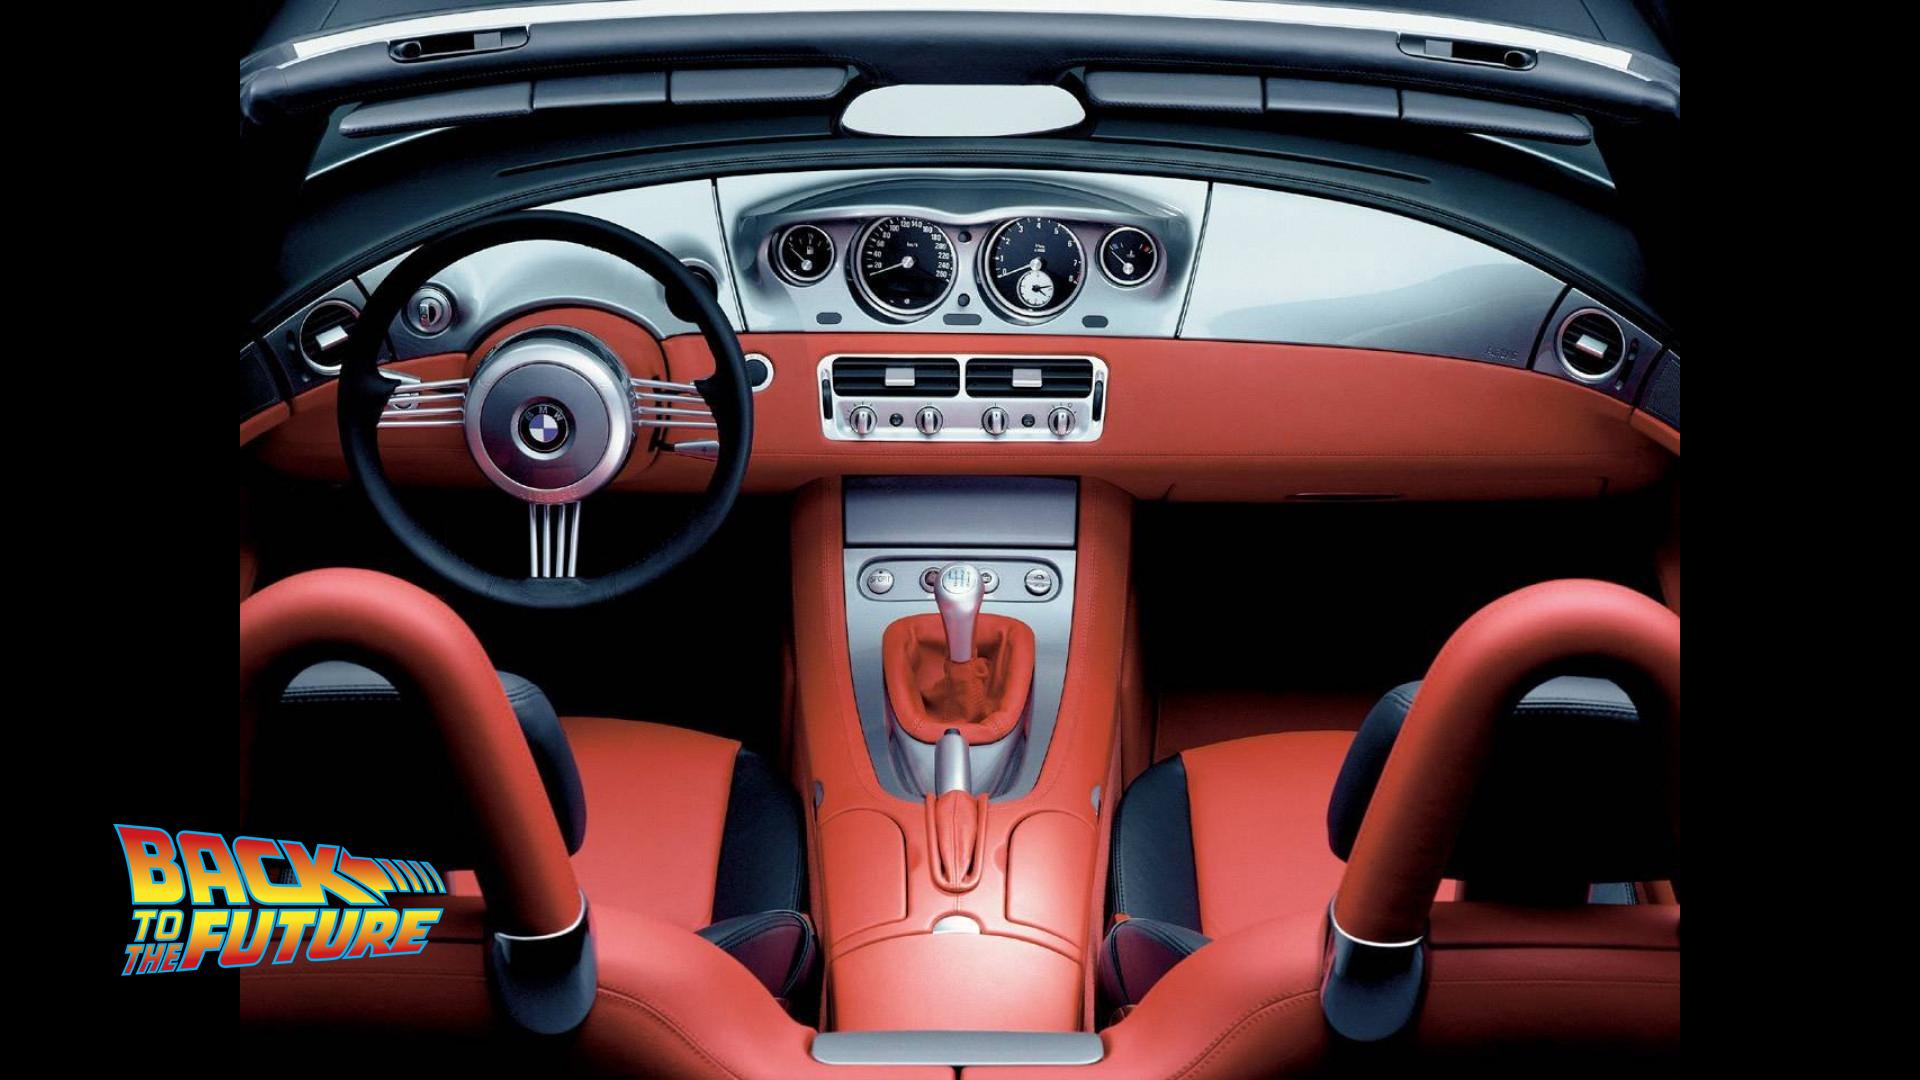 Excitante y bonito, la verdad que sí. Un gran trabajo de diseño para convertir al Z8 en uno de los automóviles mas deseados del mundo.